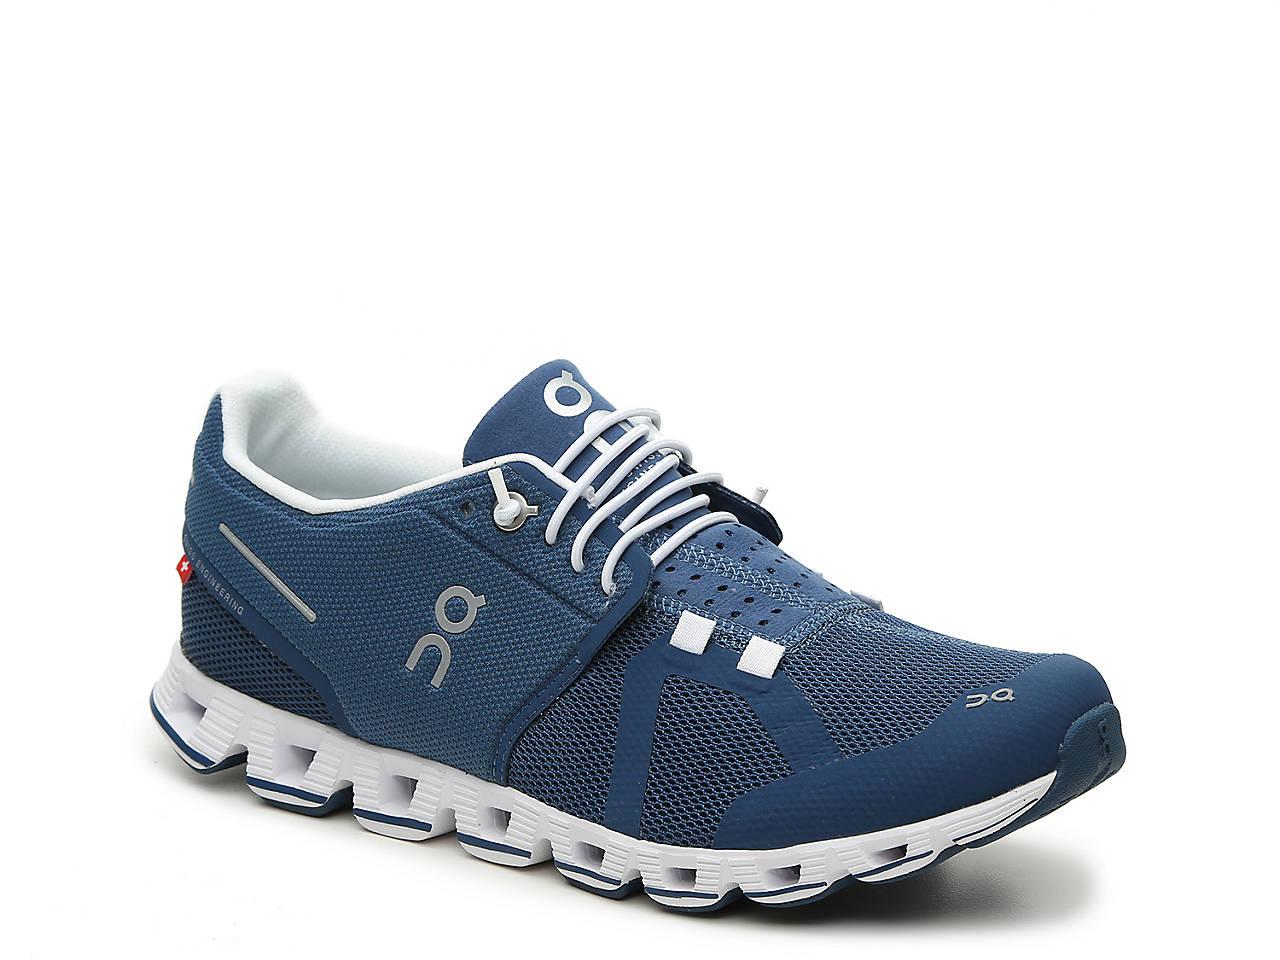 6dd33cea07 On Cloud 2.0 Lightweight Running Shoe - Women s Men s Shoes